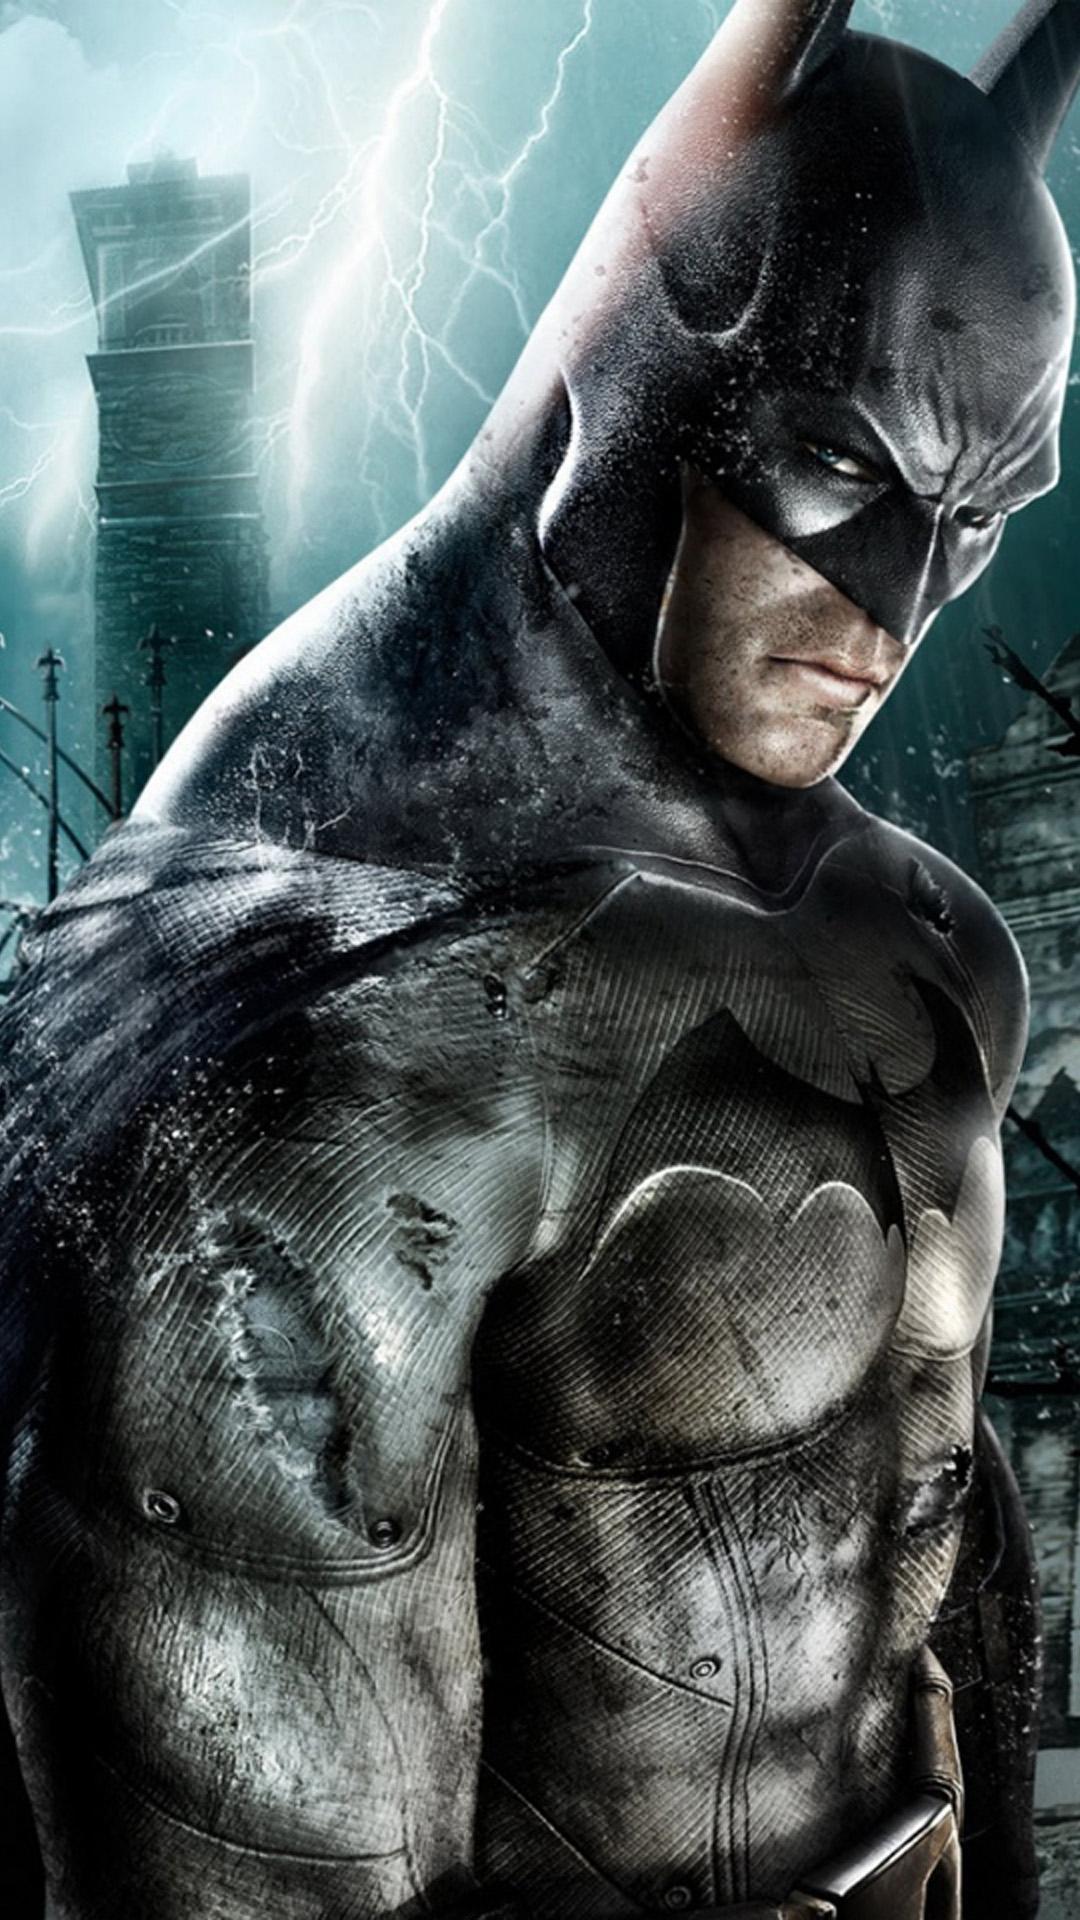 batman arkham city 2 - walls iphone